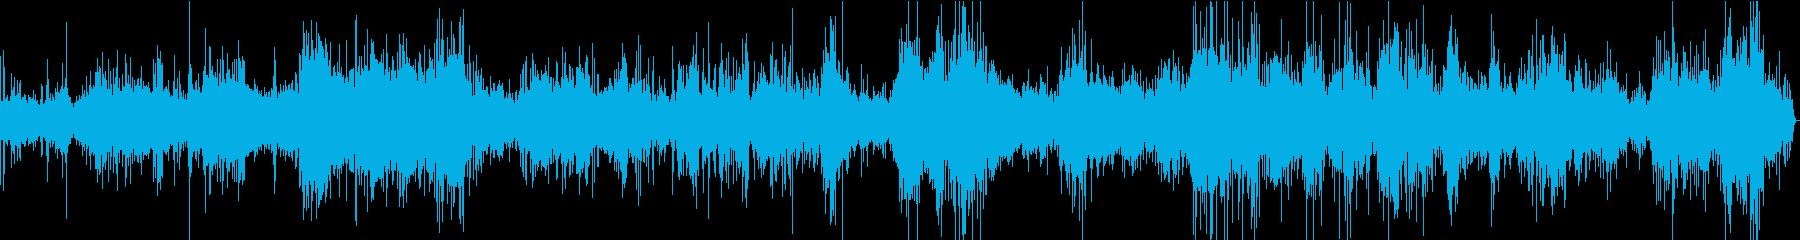 【生録音】キッチン環境音 揚げ焼き 2の再生済みの波形